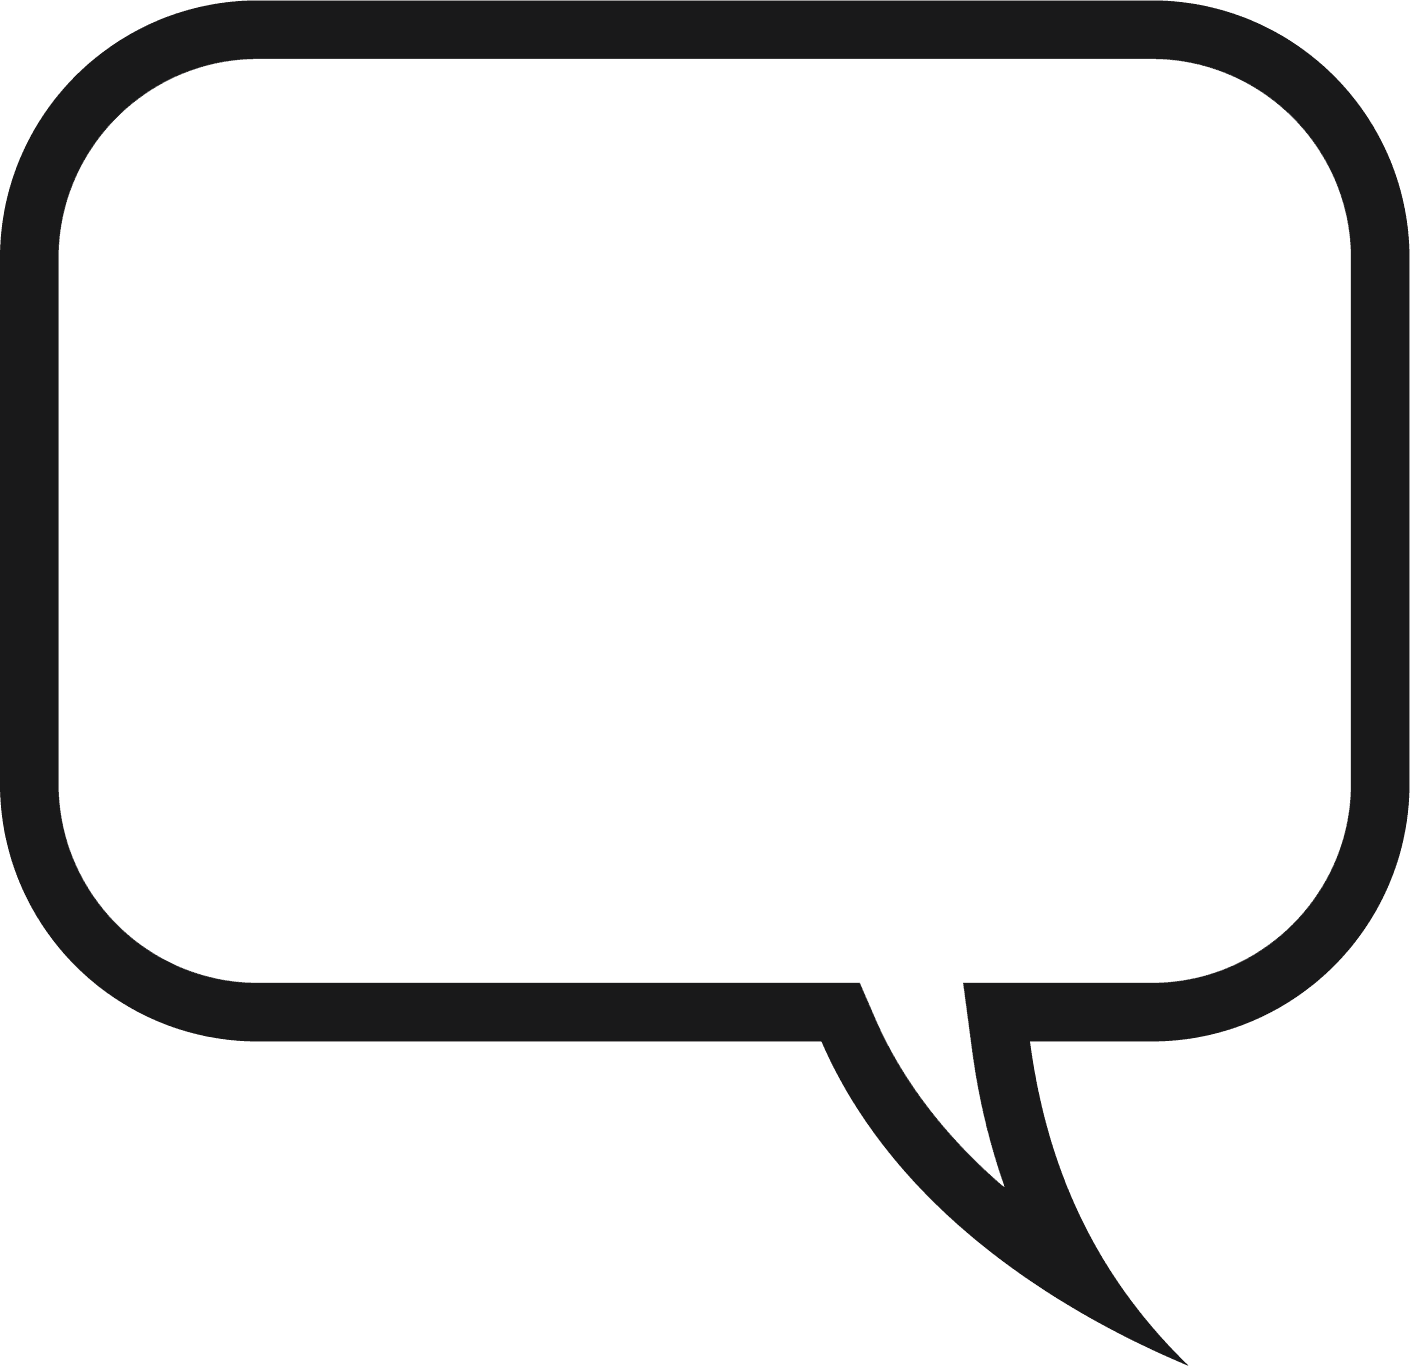 10 clipart bubble clip art Chat Clipart | Free download best Chat Clipart on ClipArtMag.com clip art